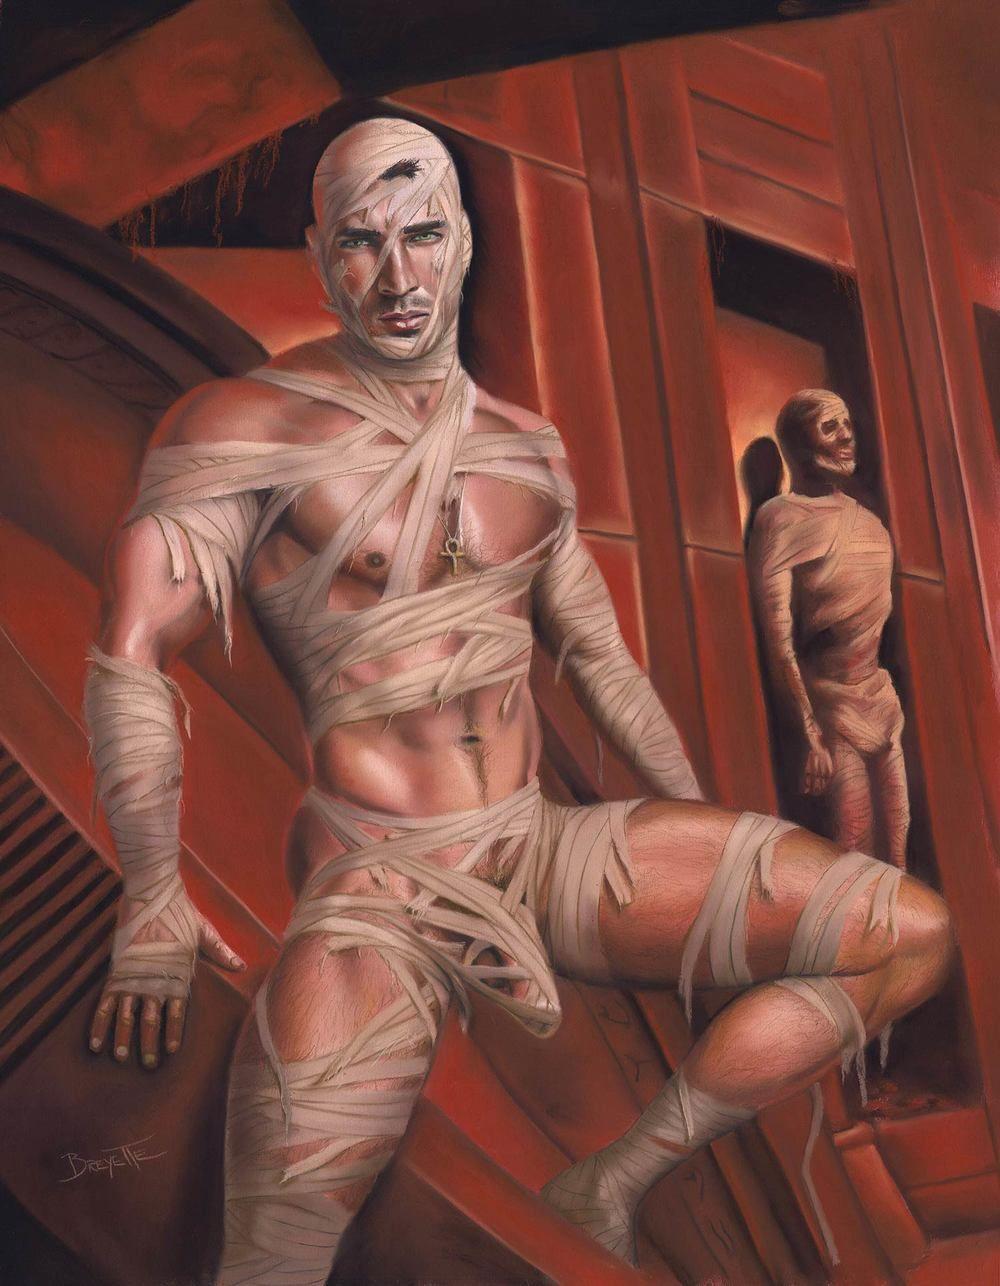 of men naked art fantasy